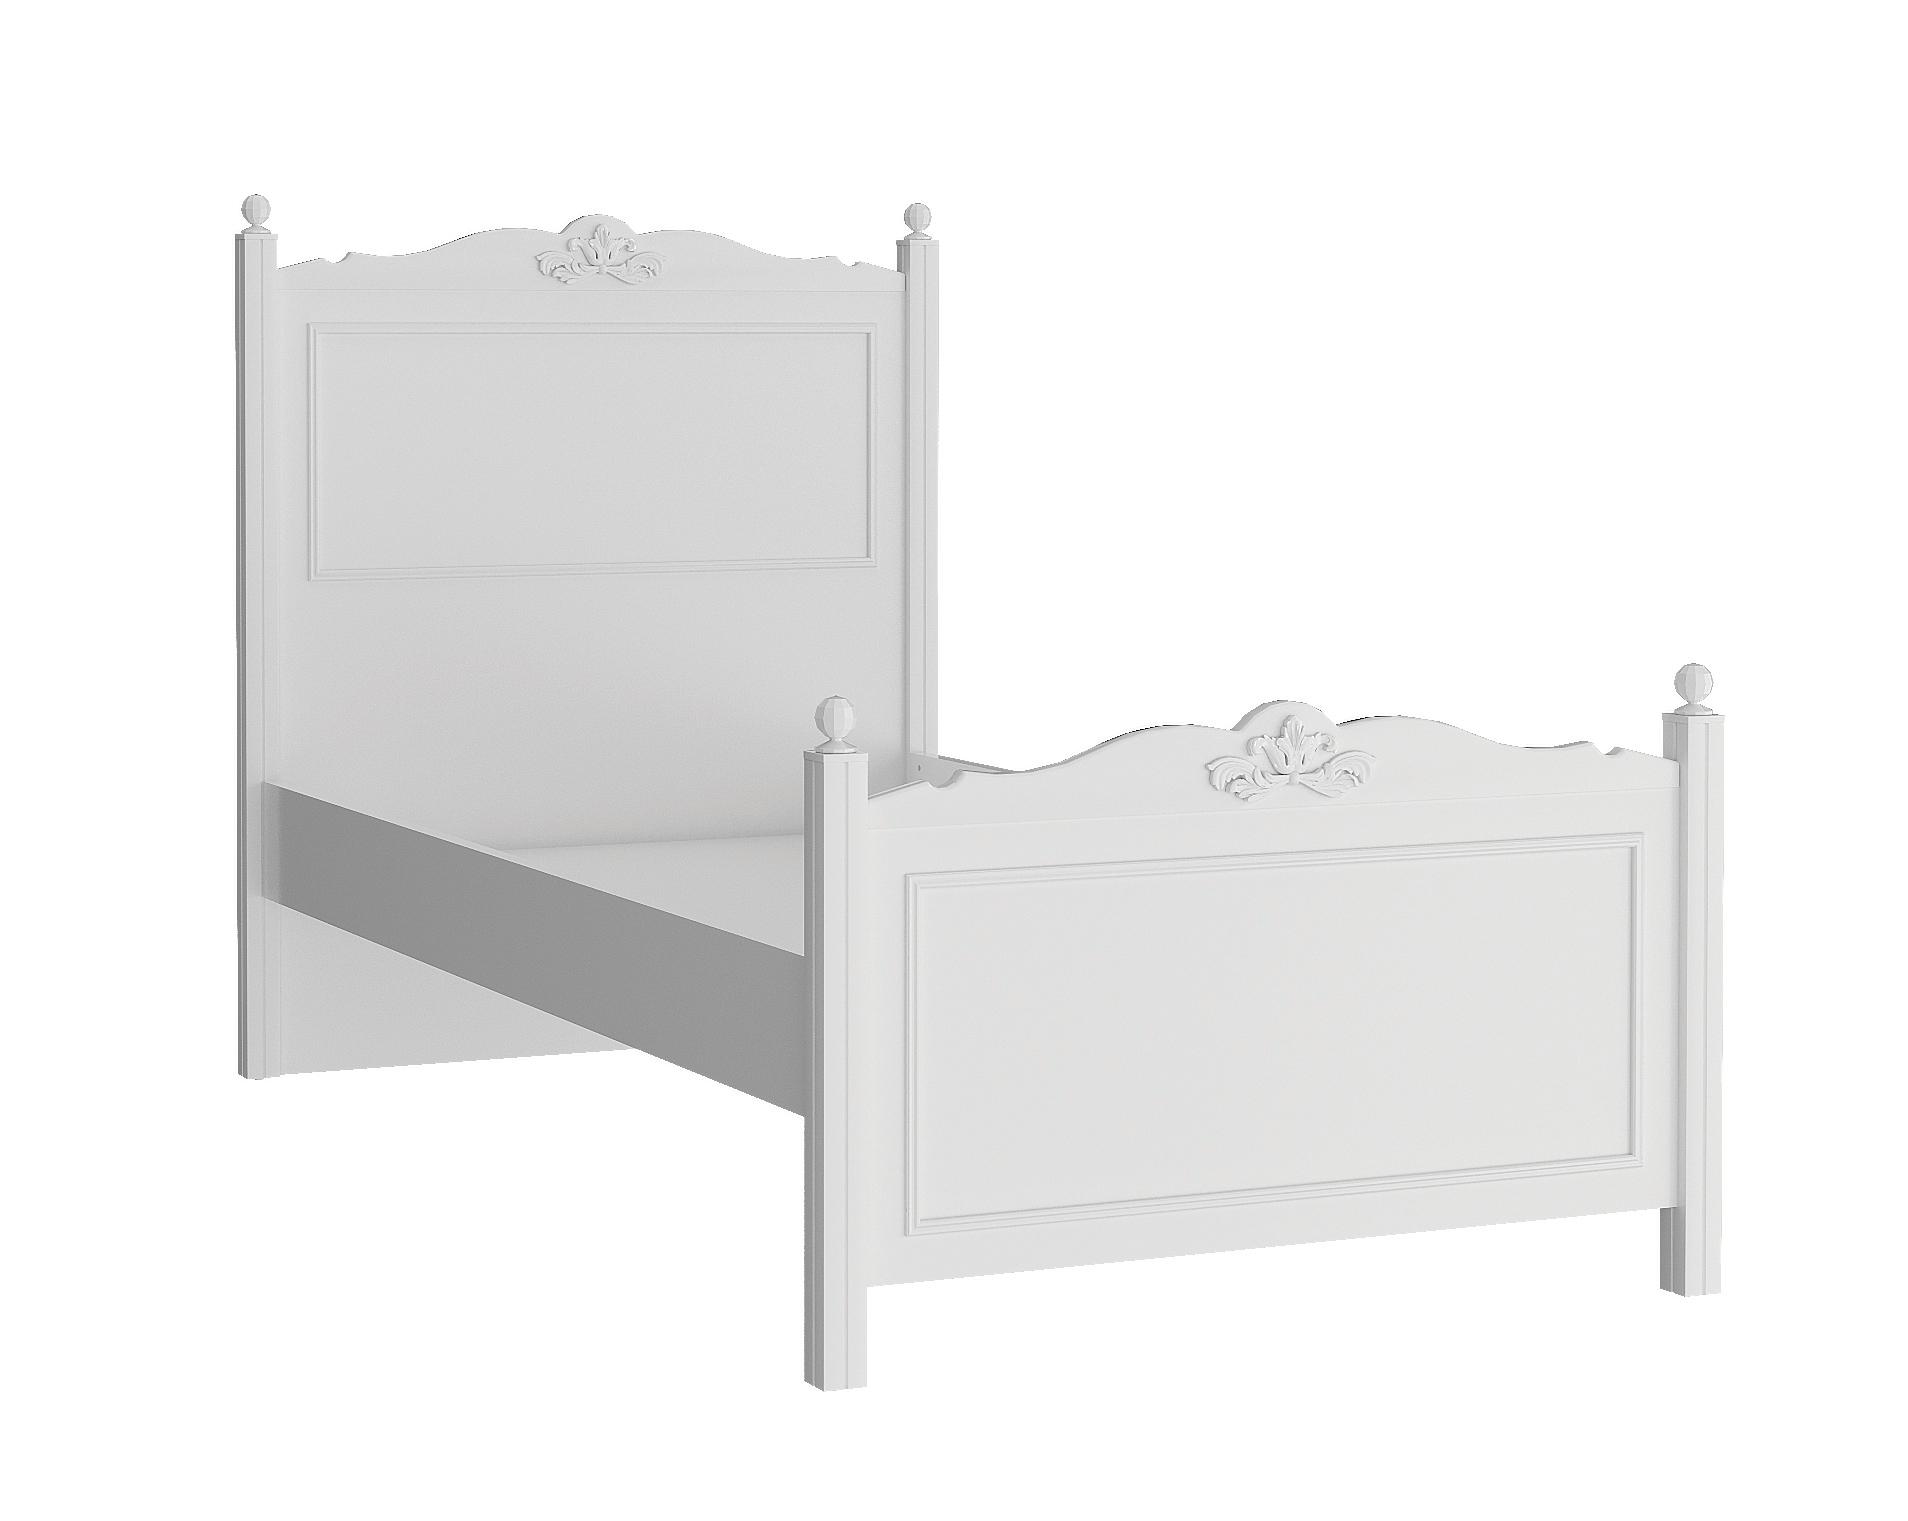 Almila Jugendbett Lory in Weiß 100x200 cm